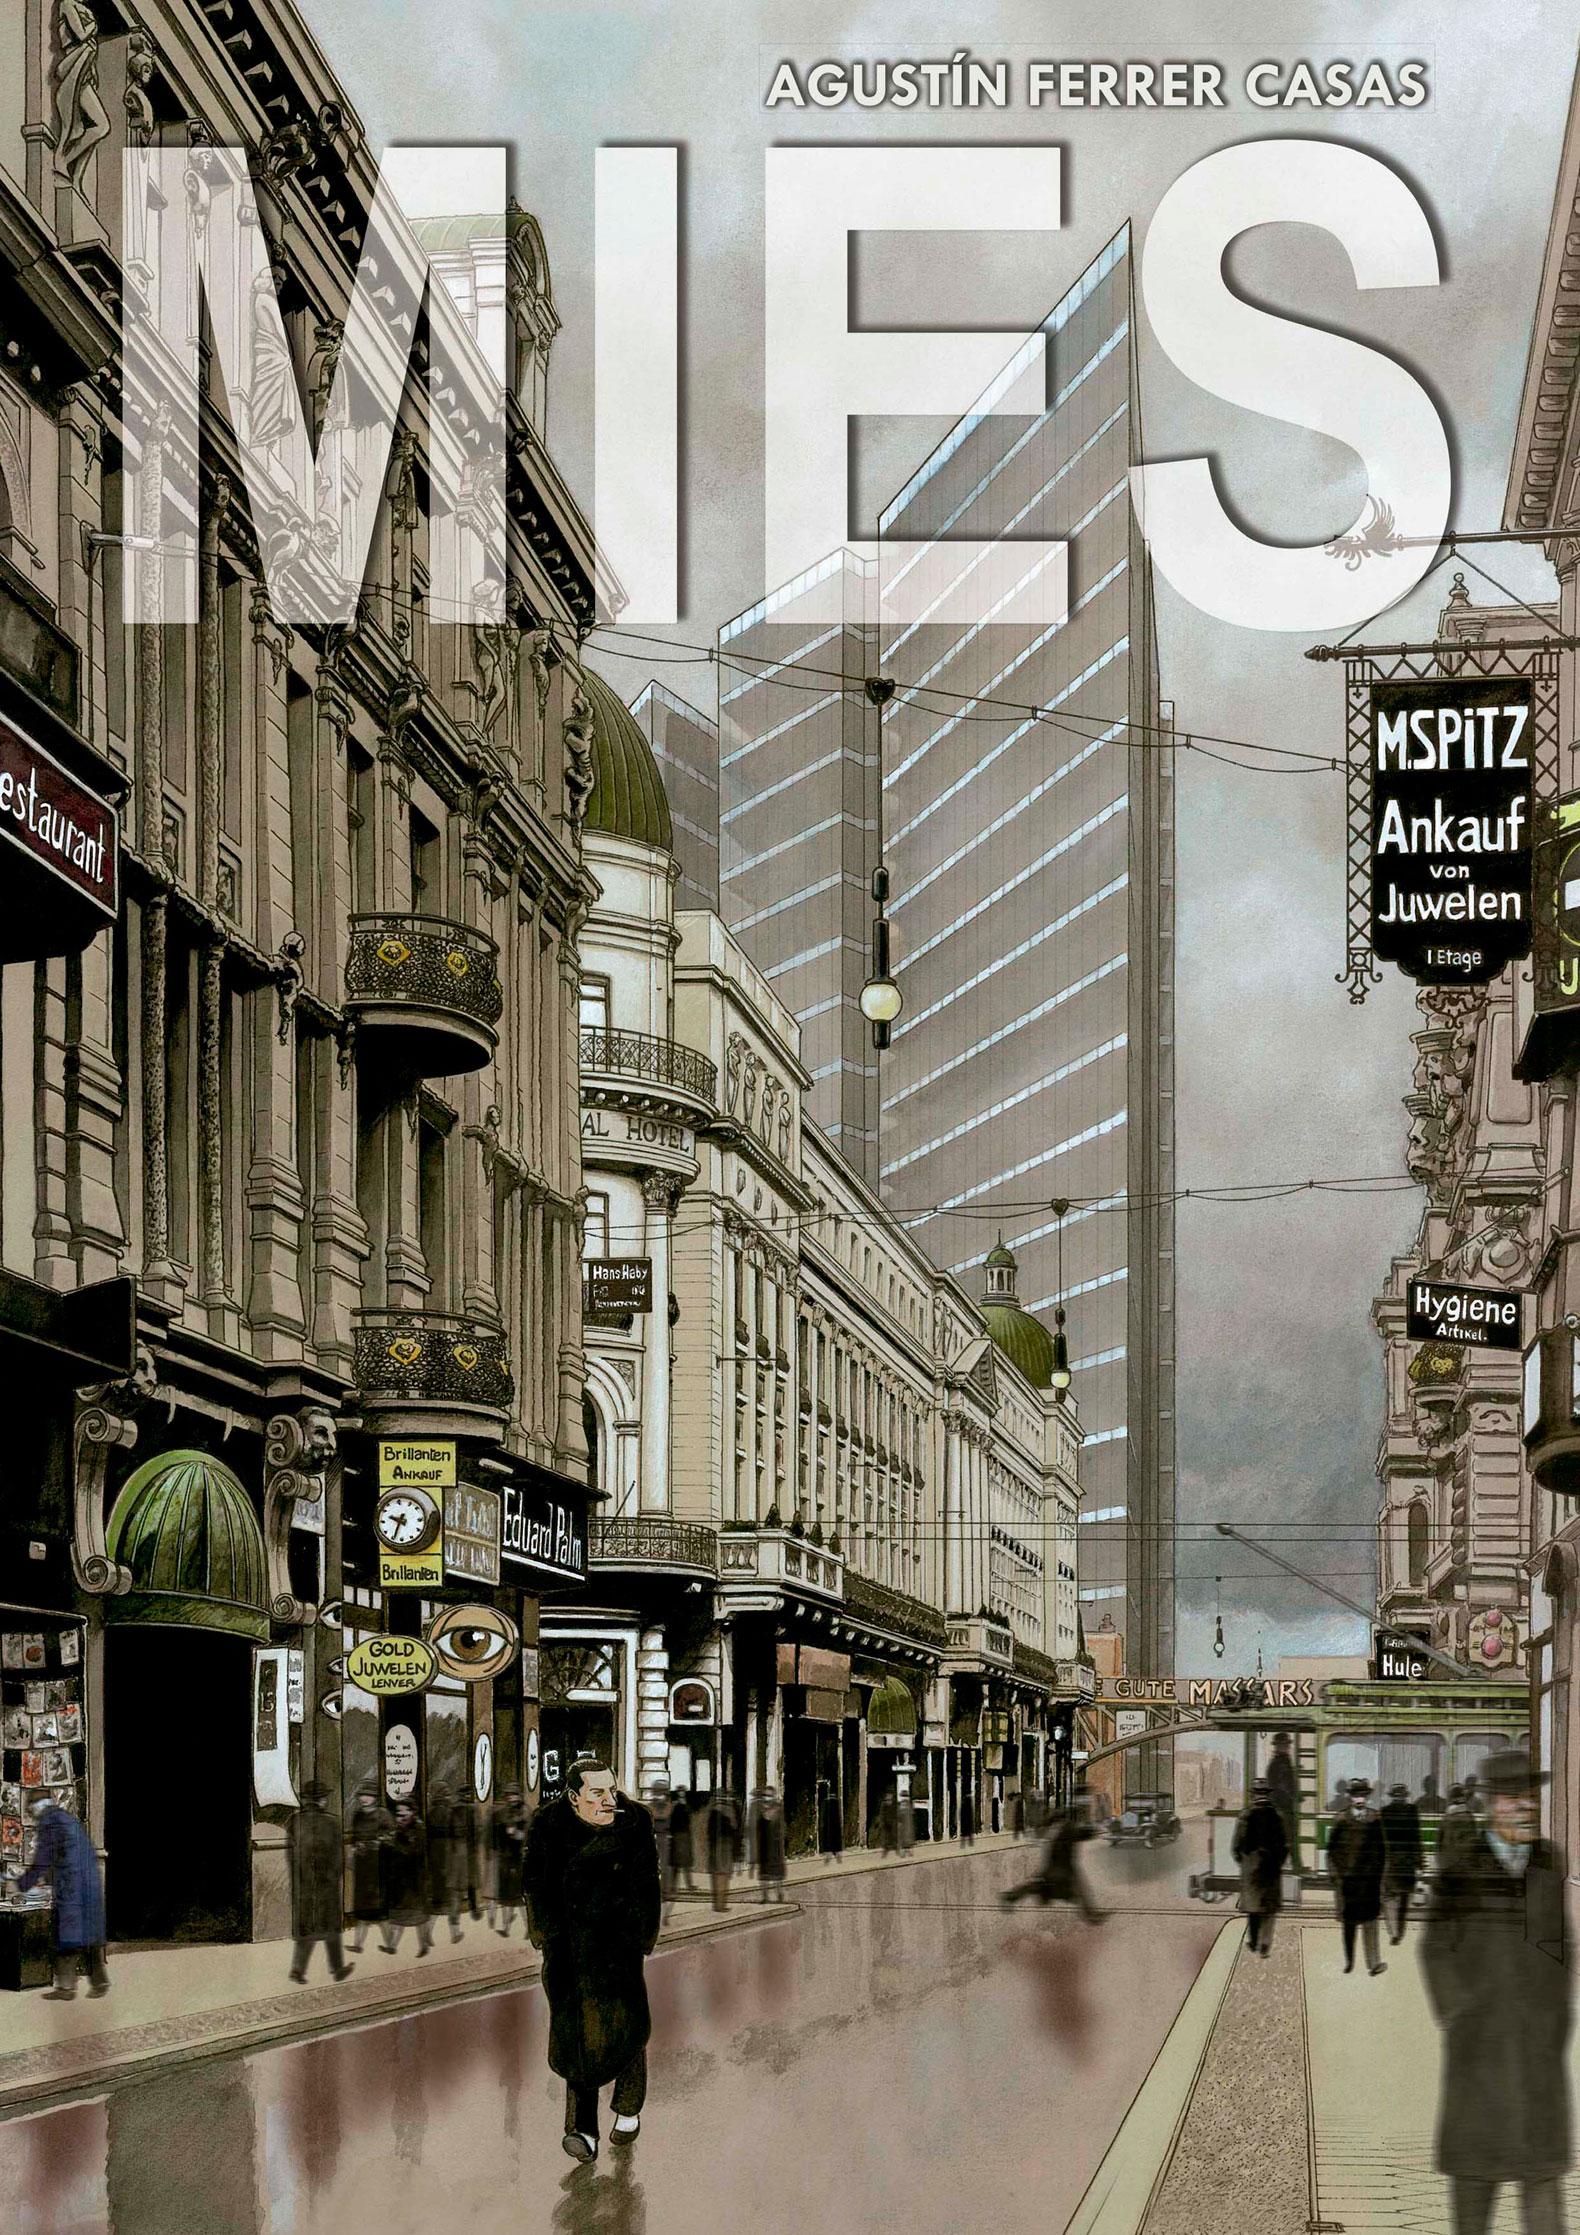 Imagen de portada de la novela gráfica MIES por Agustín Ferrer Casas. Imagen cortesía de Grafito Editorial.